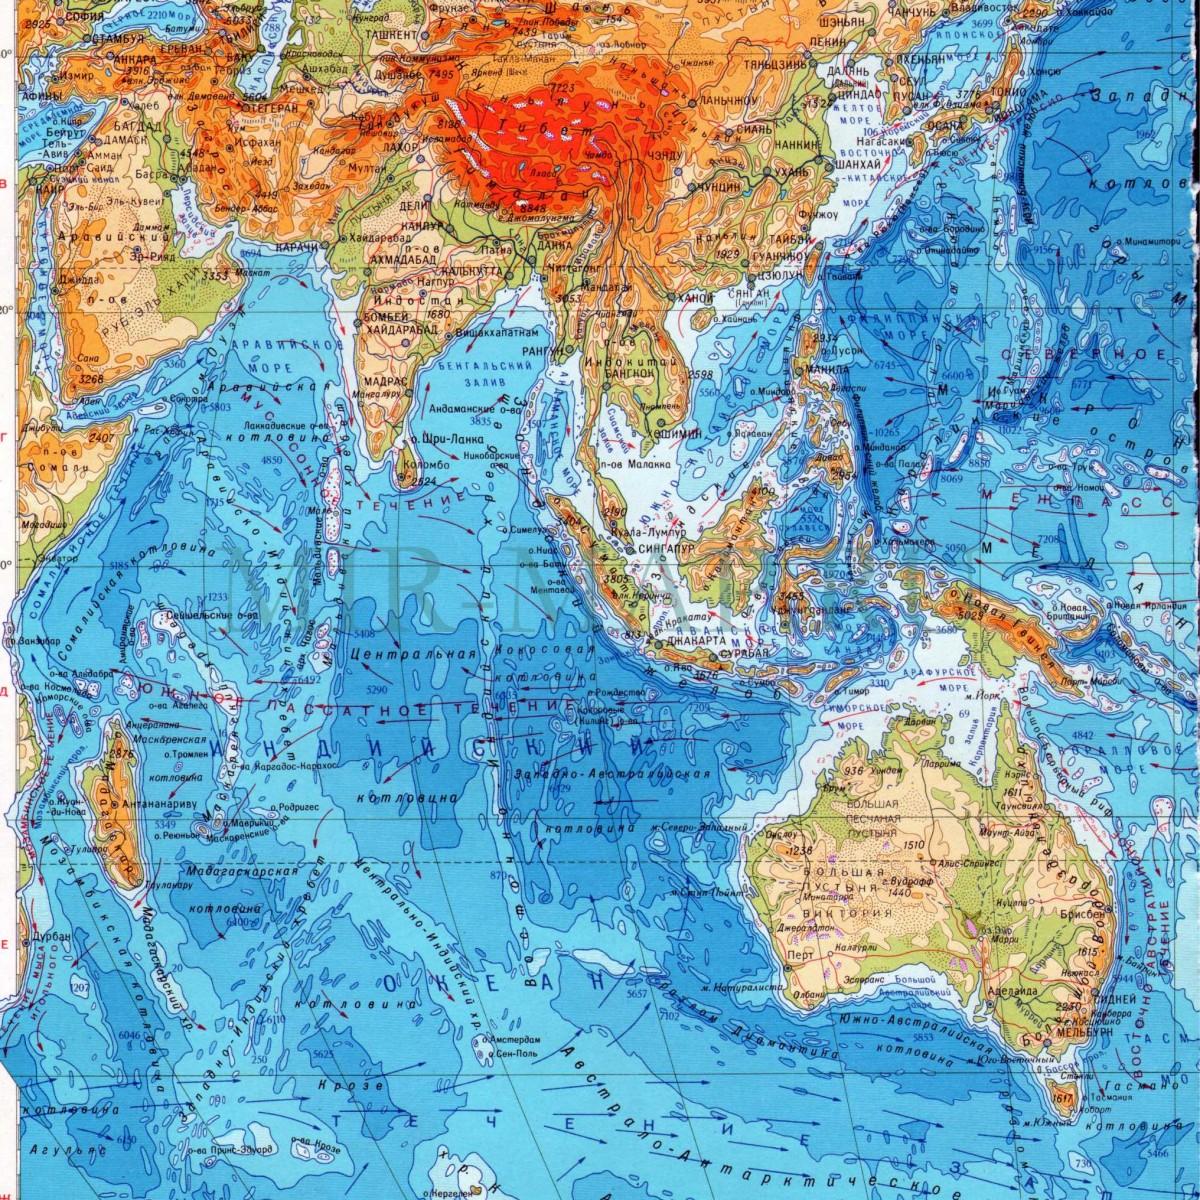 Максимальная и средняя глубина Индийского океана. Рельеф дна Индийского океана